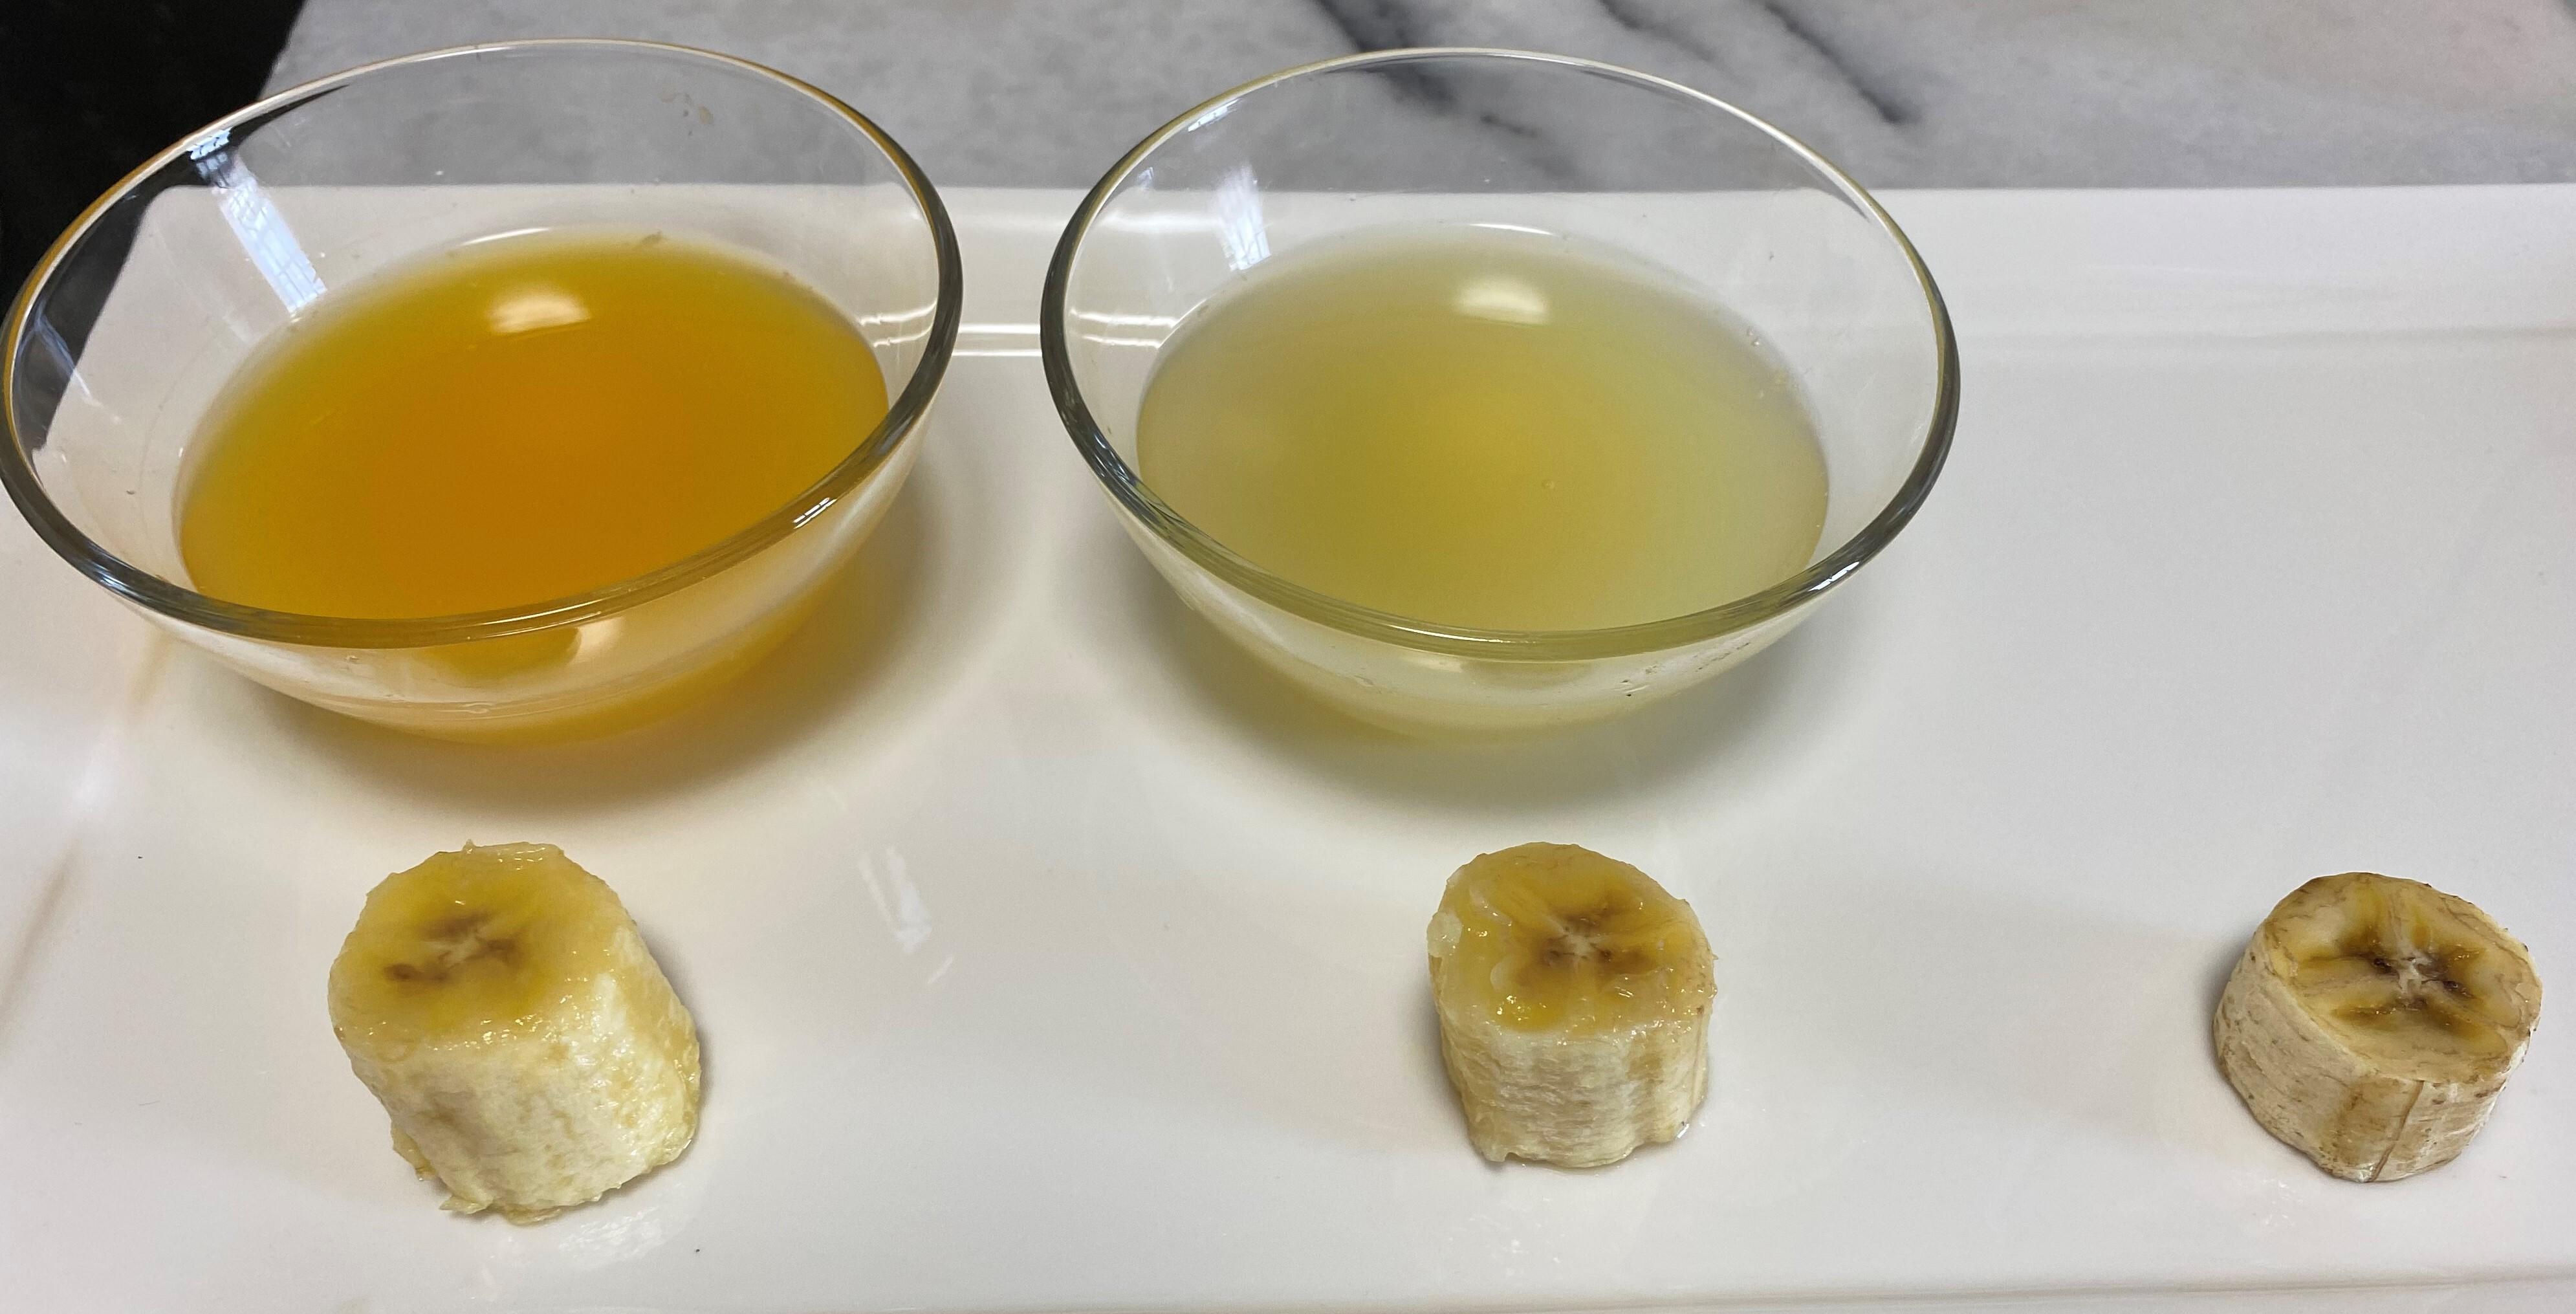 100%オレンジ+レモン汁につけておいたバナナもあまり色は変わりません。